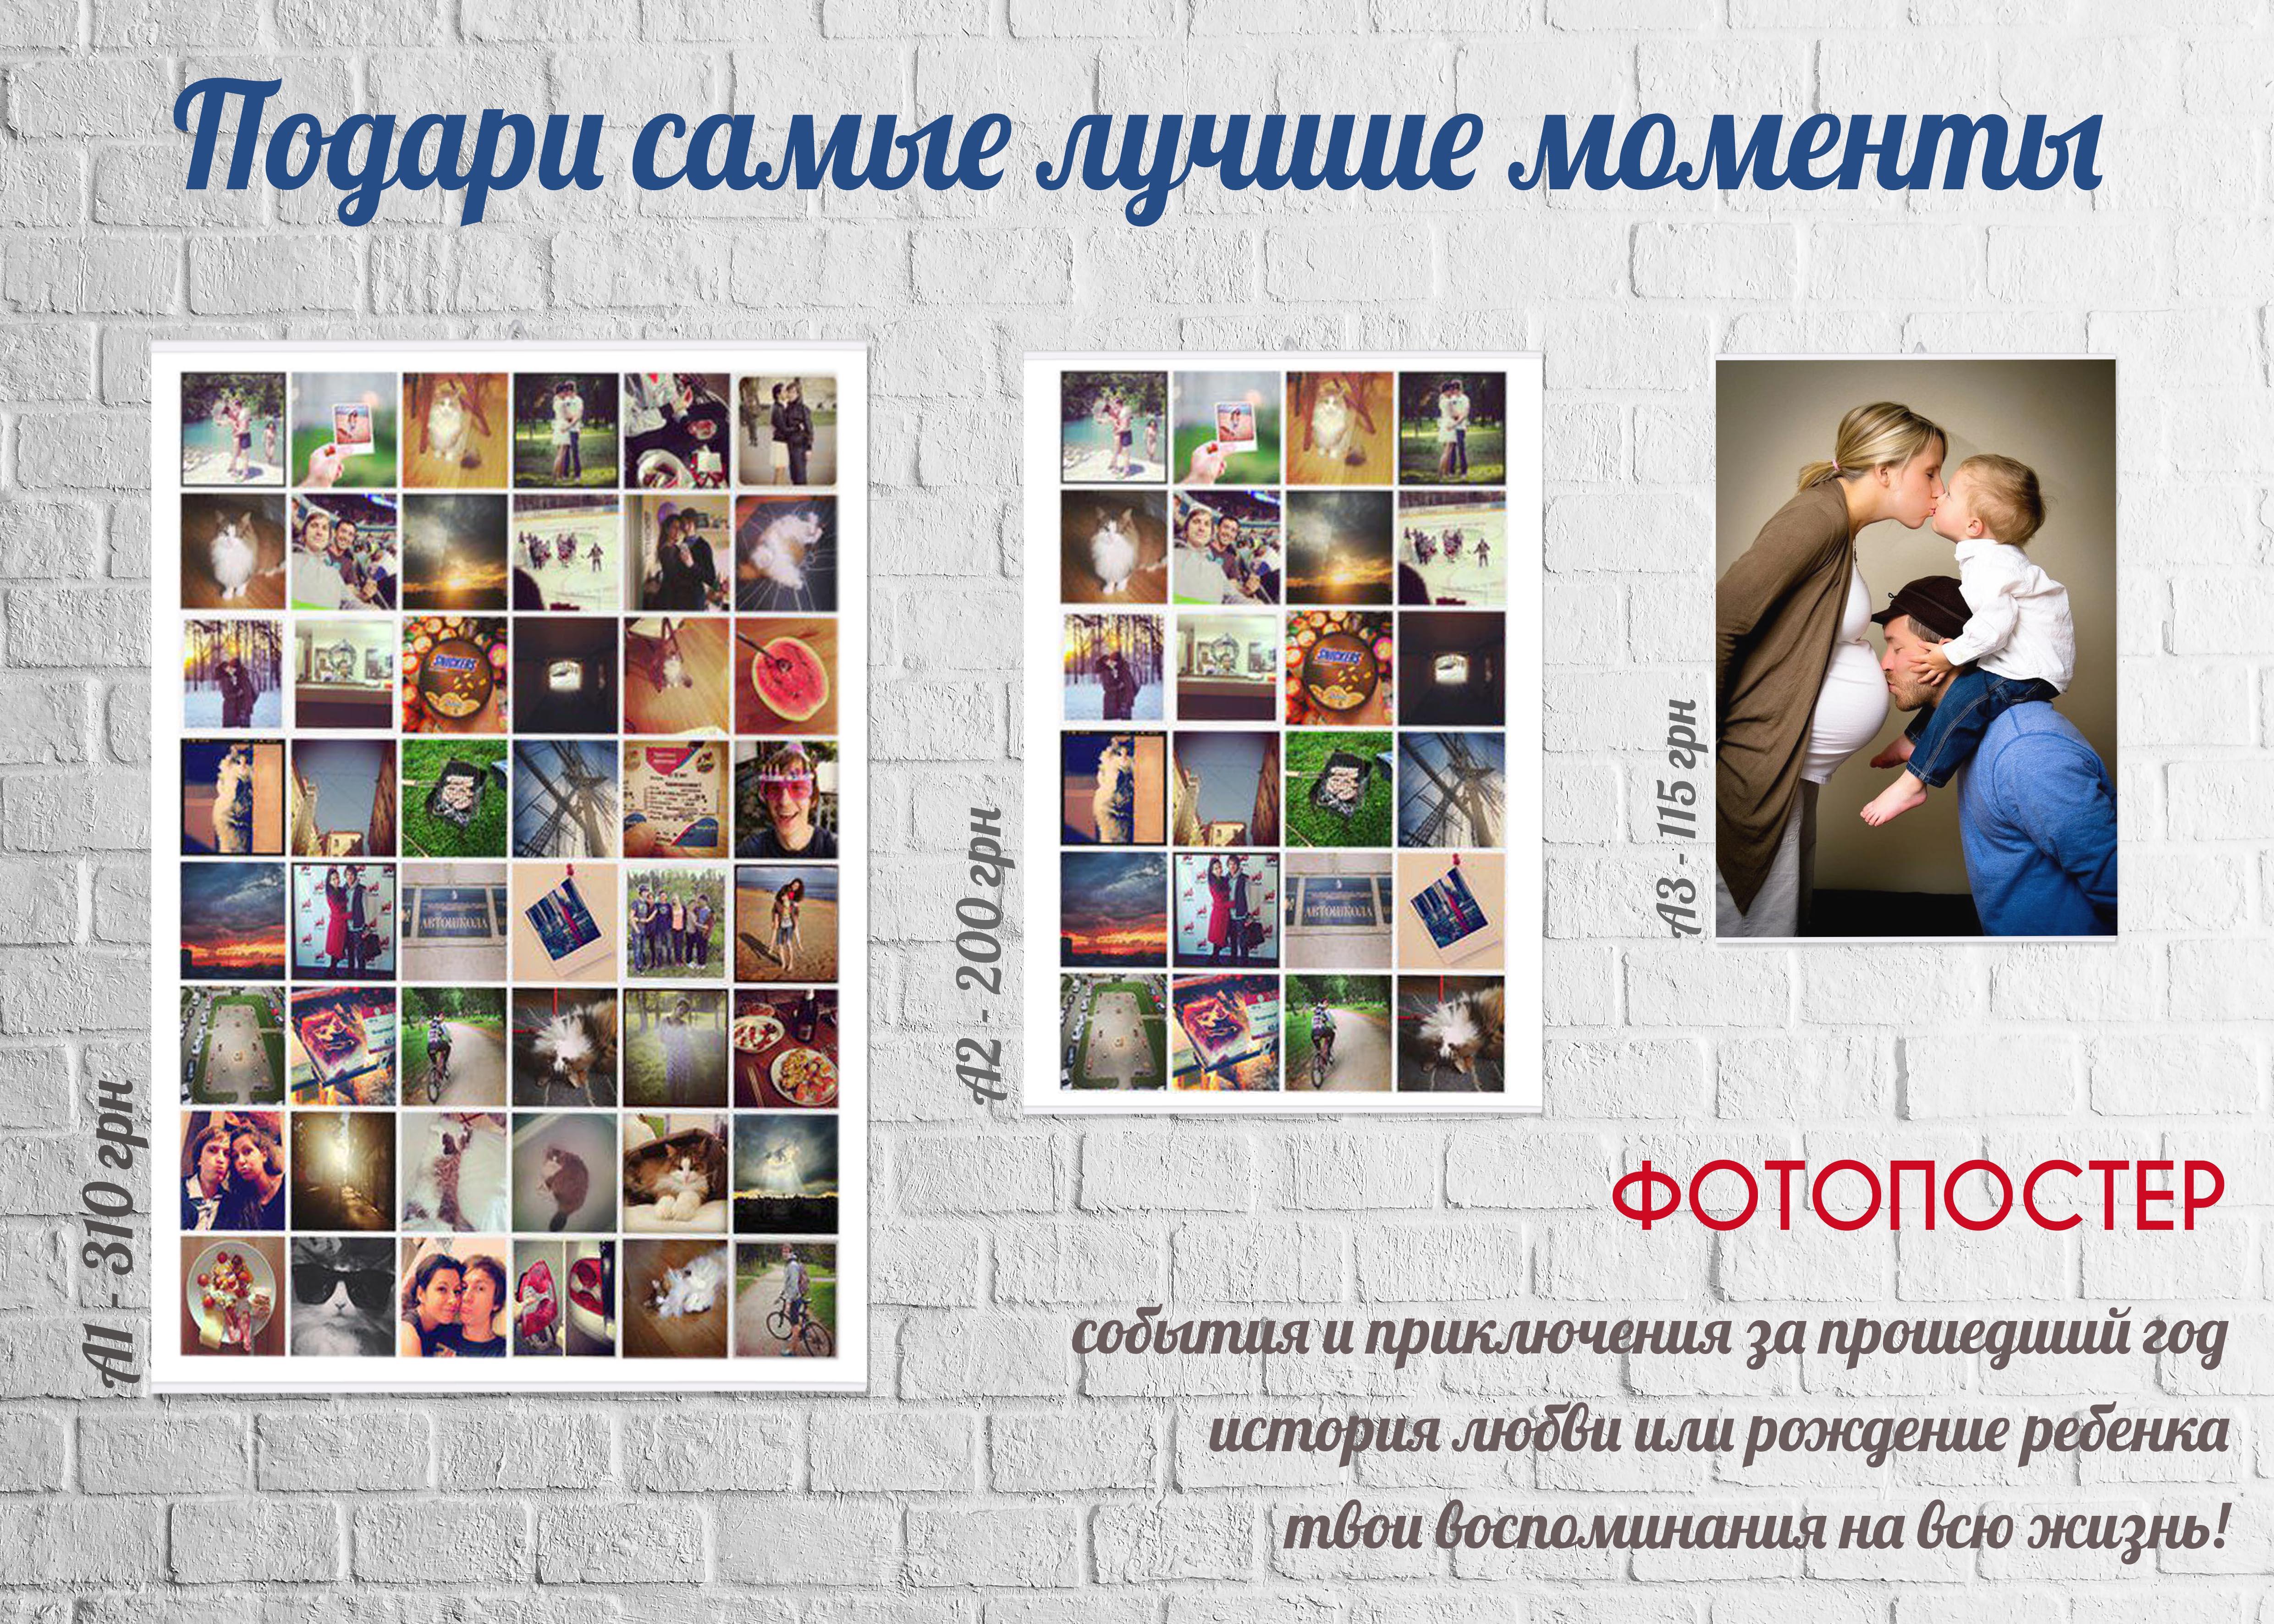 фотопостер Инстаплакат (Инстапостер) - печать отографий из инстаграм на плакатах, постерах